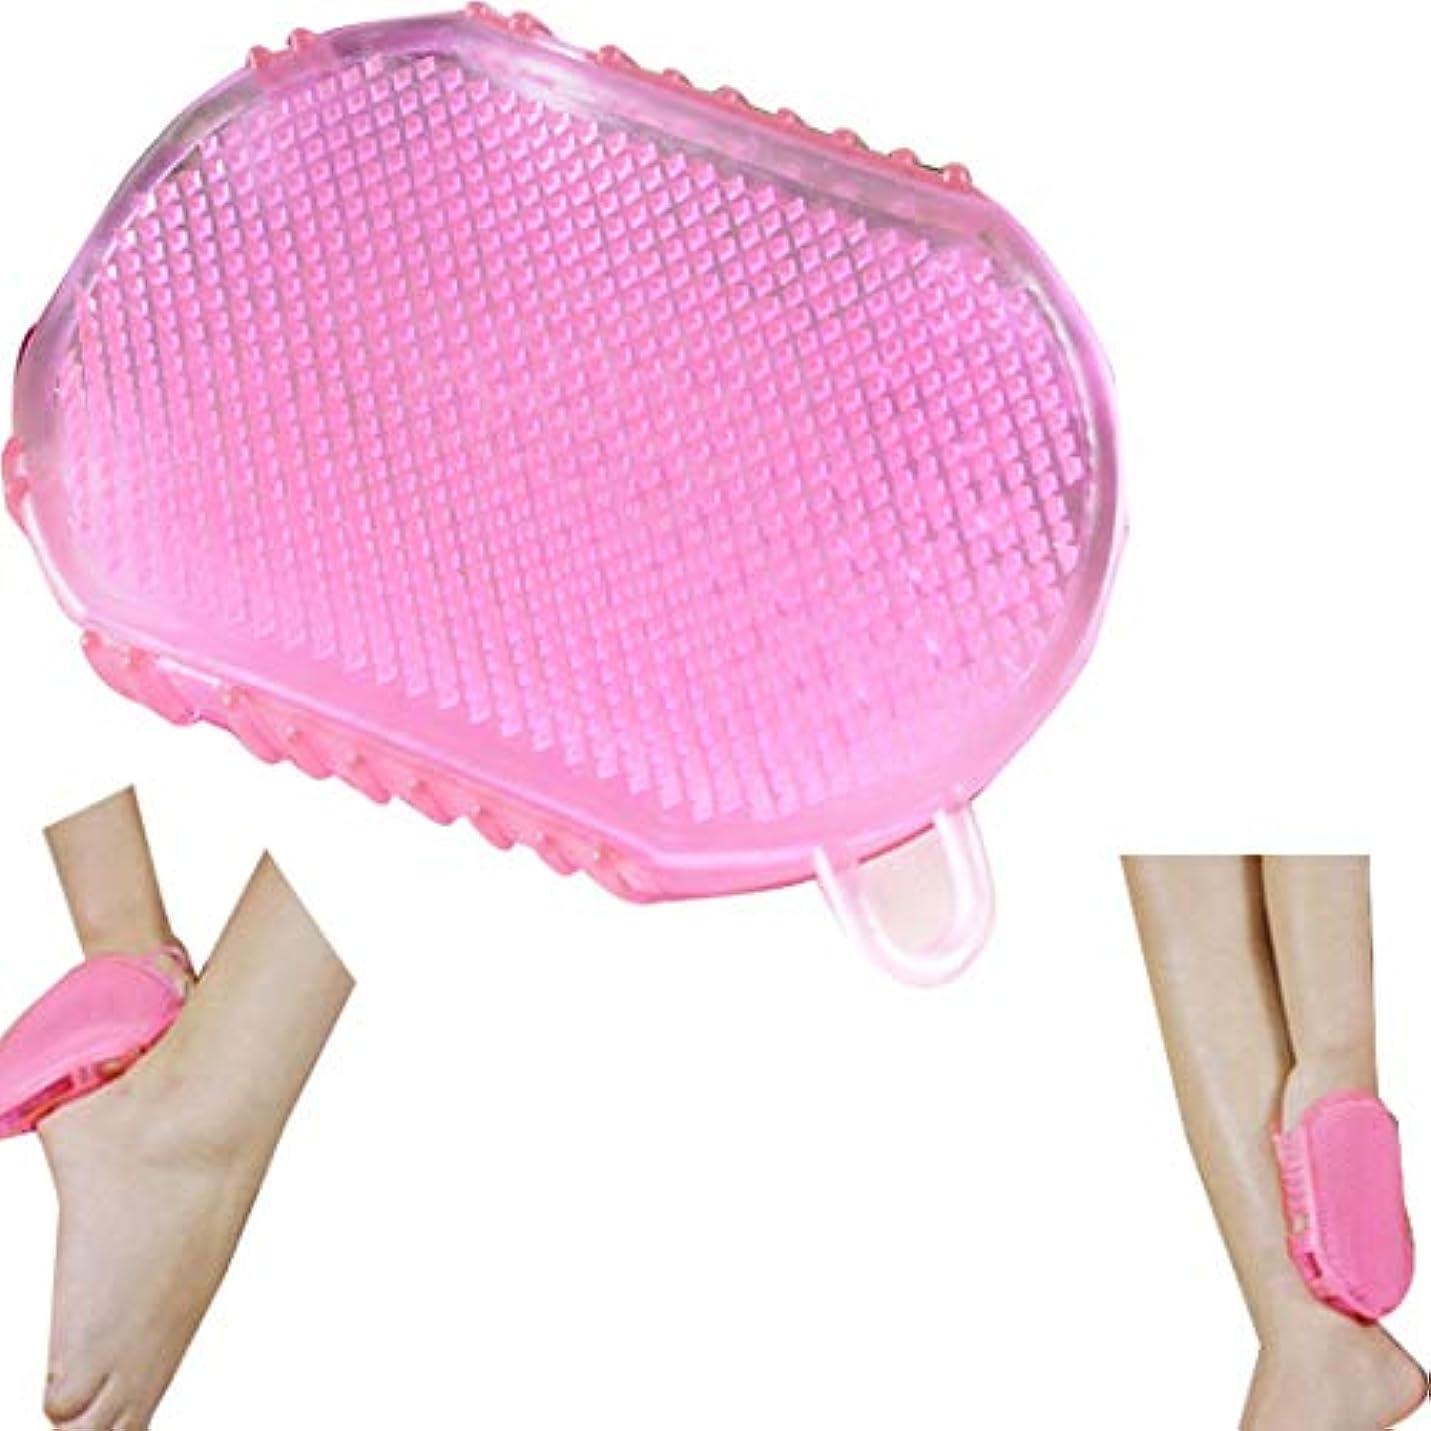 病コイル等Tシリコンマッサージフットブラシ/フットグルーマー 足洗い用/バスブラシ、/フットブラシ/汚れ角質除去 ストレス解消